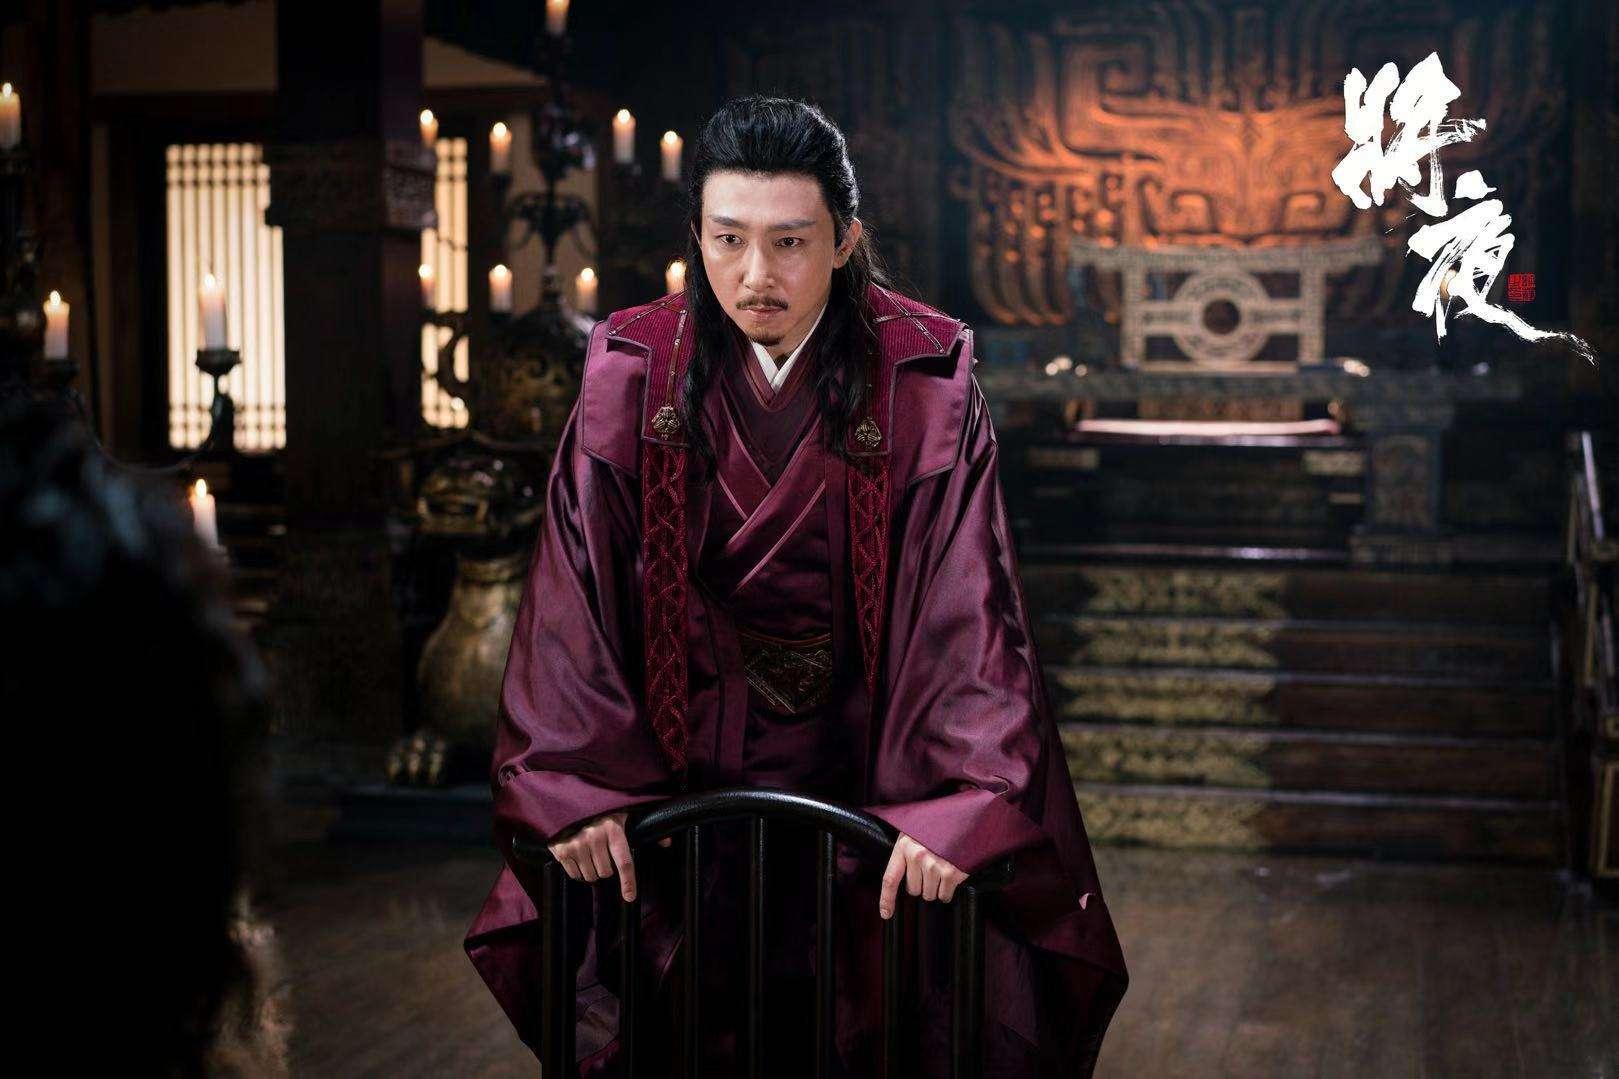 将夜亲王和西陵什么关系?亲王为什么要陷害宁缺父亲(将军府)?